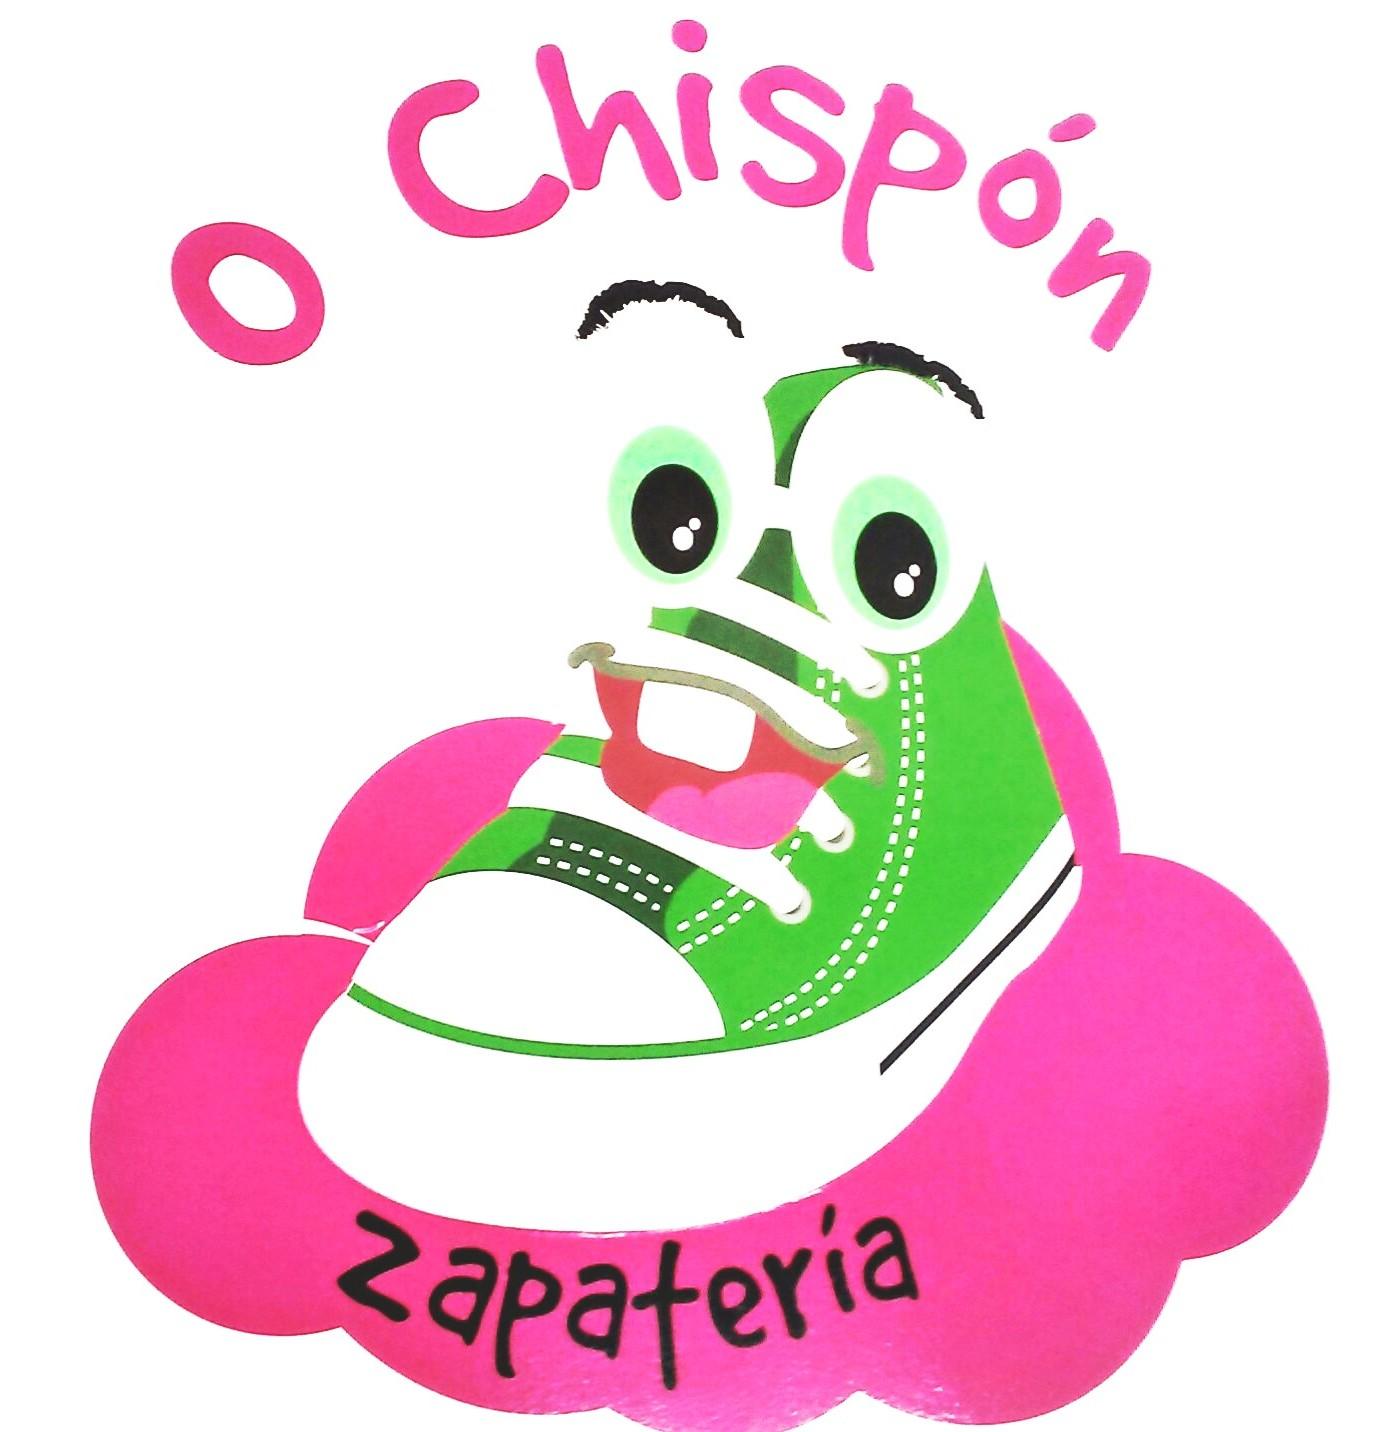 Logotipo O ZAPATO CHISPÓN